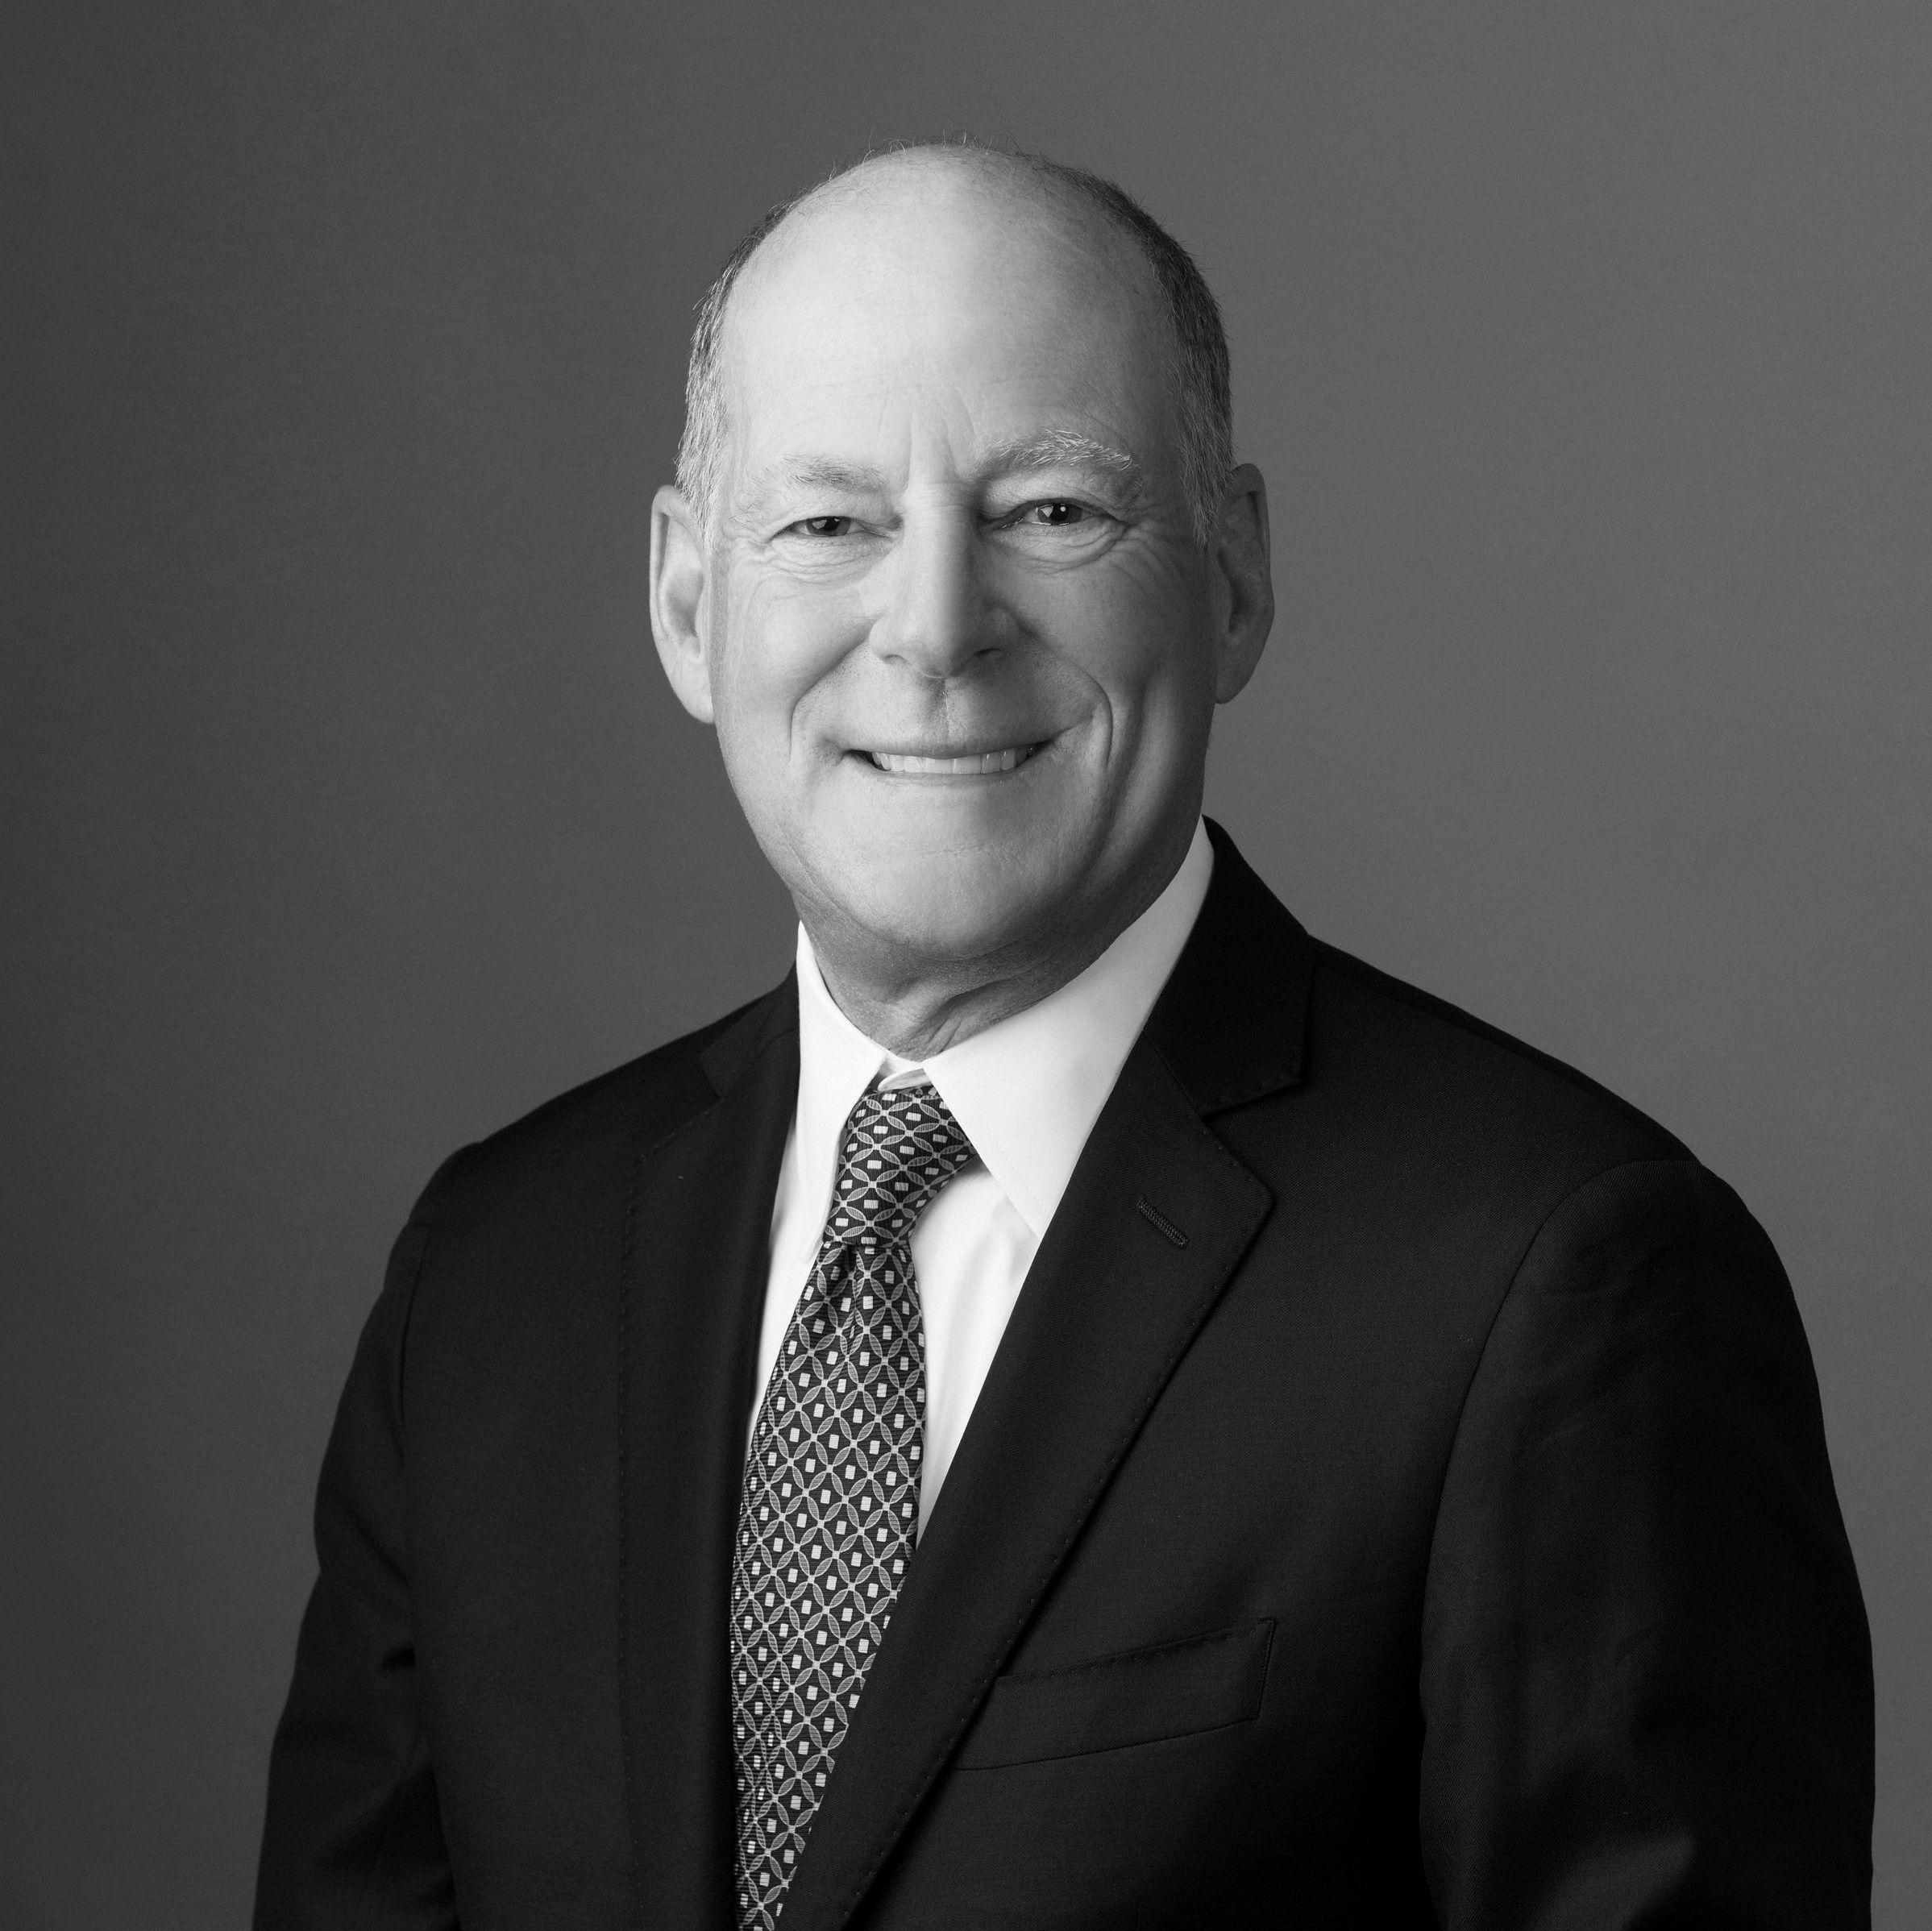 Daniel A. Dungan